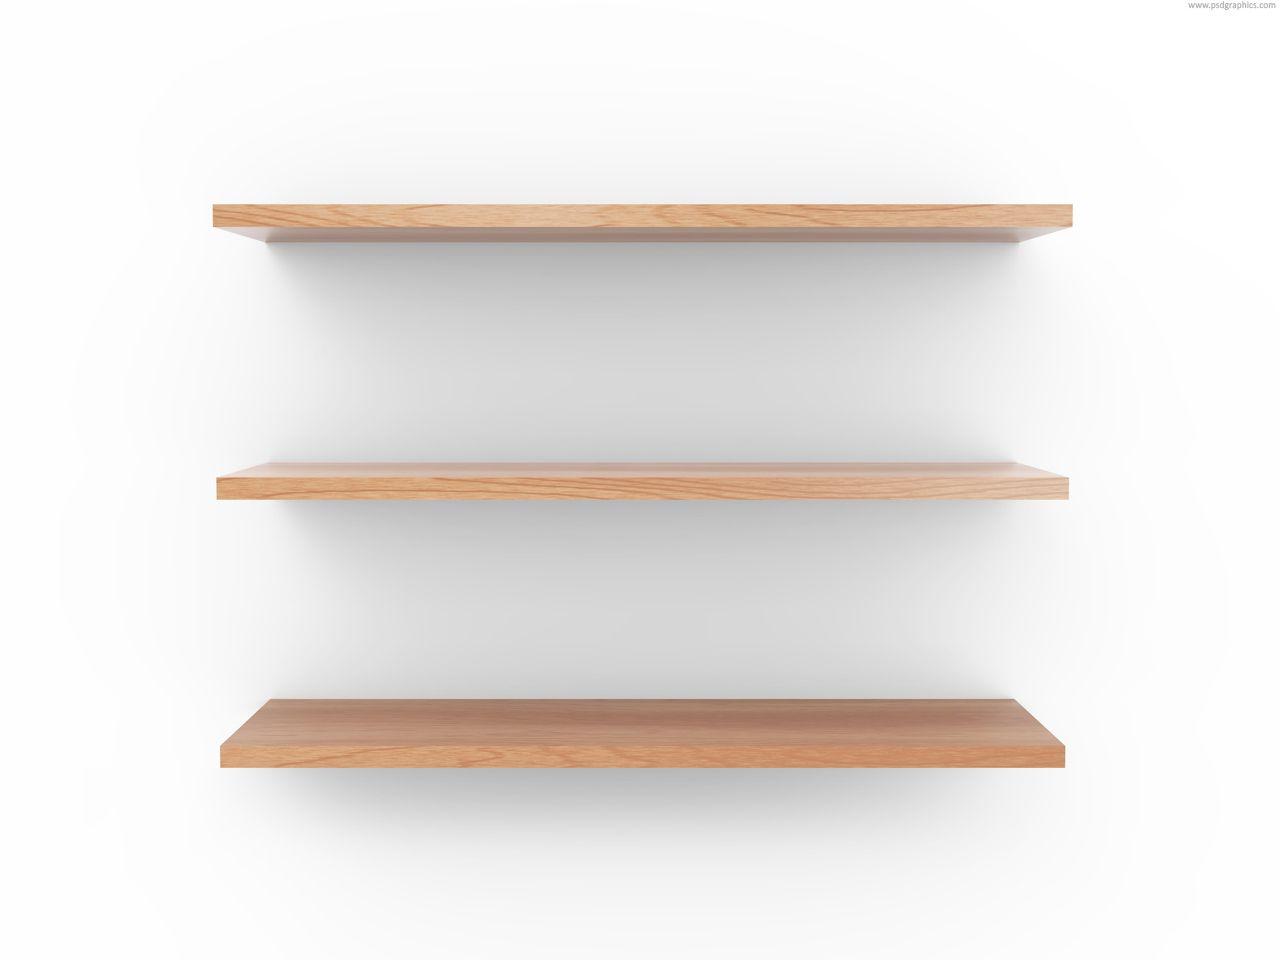 Interior wooden shelves free vector - Wooden Shelf Http Www Iidudu Com Images 2014